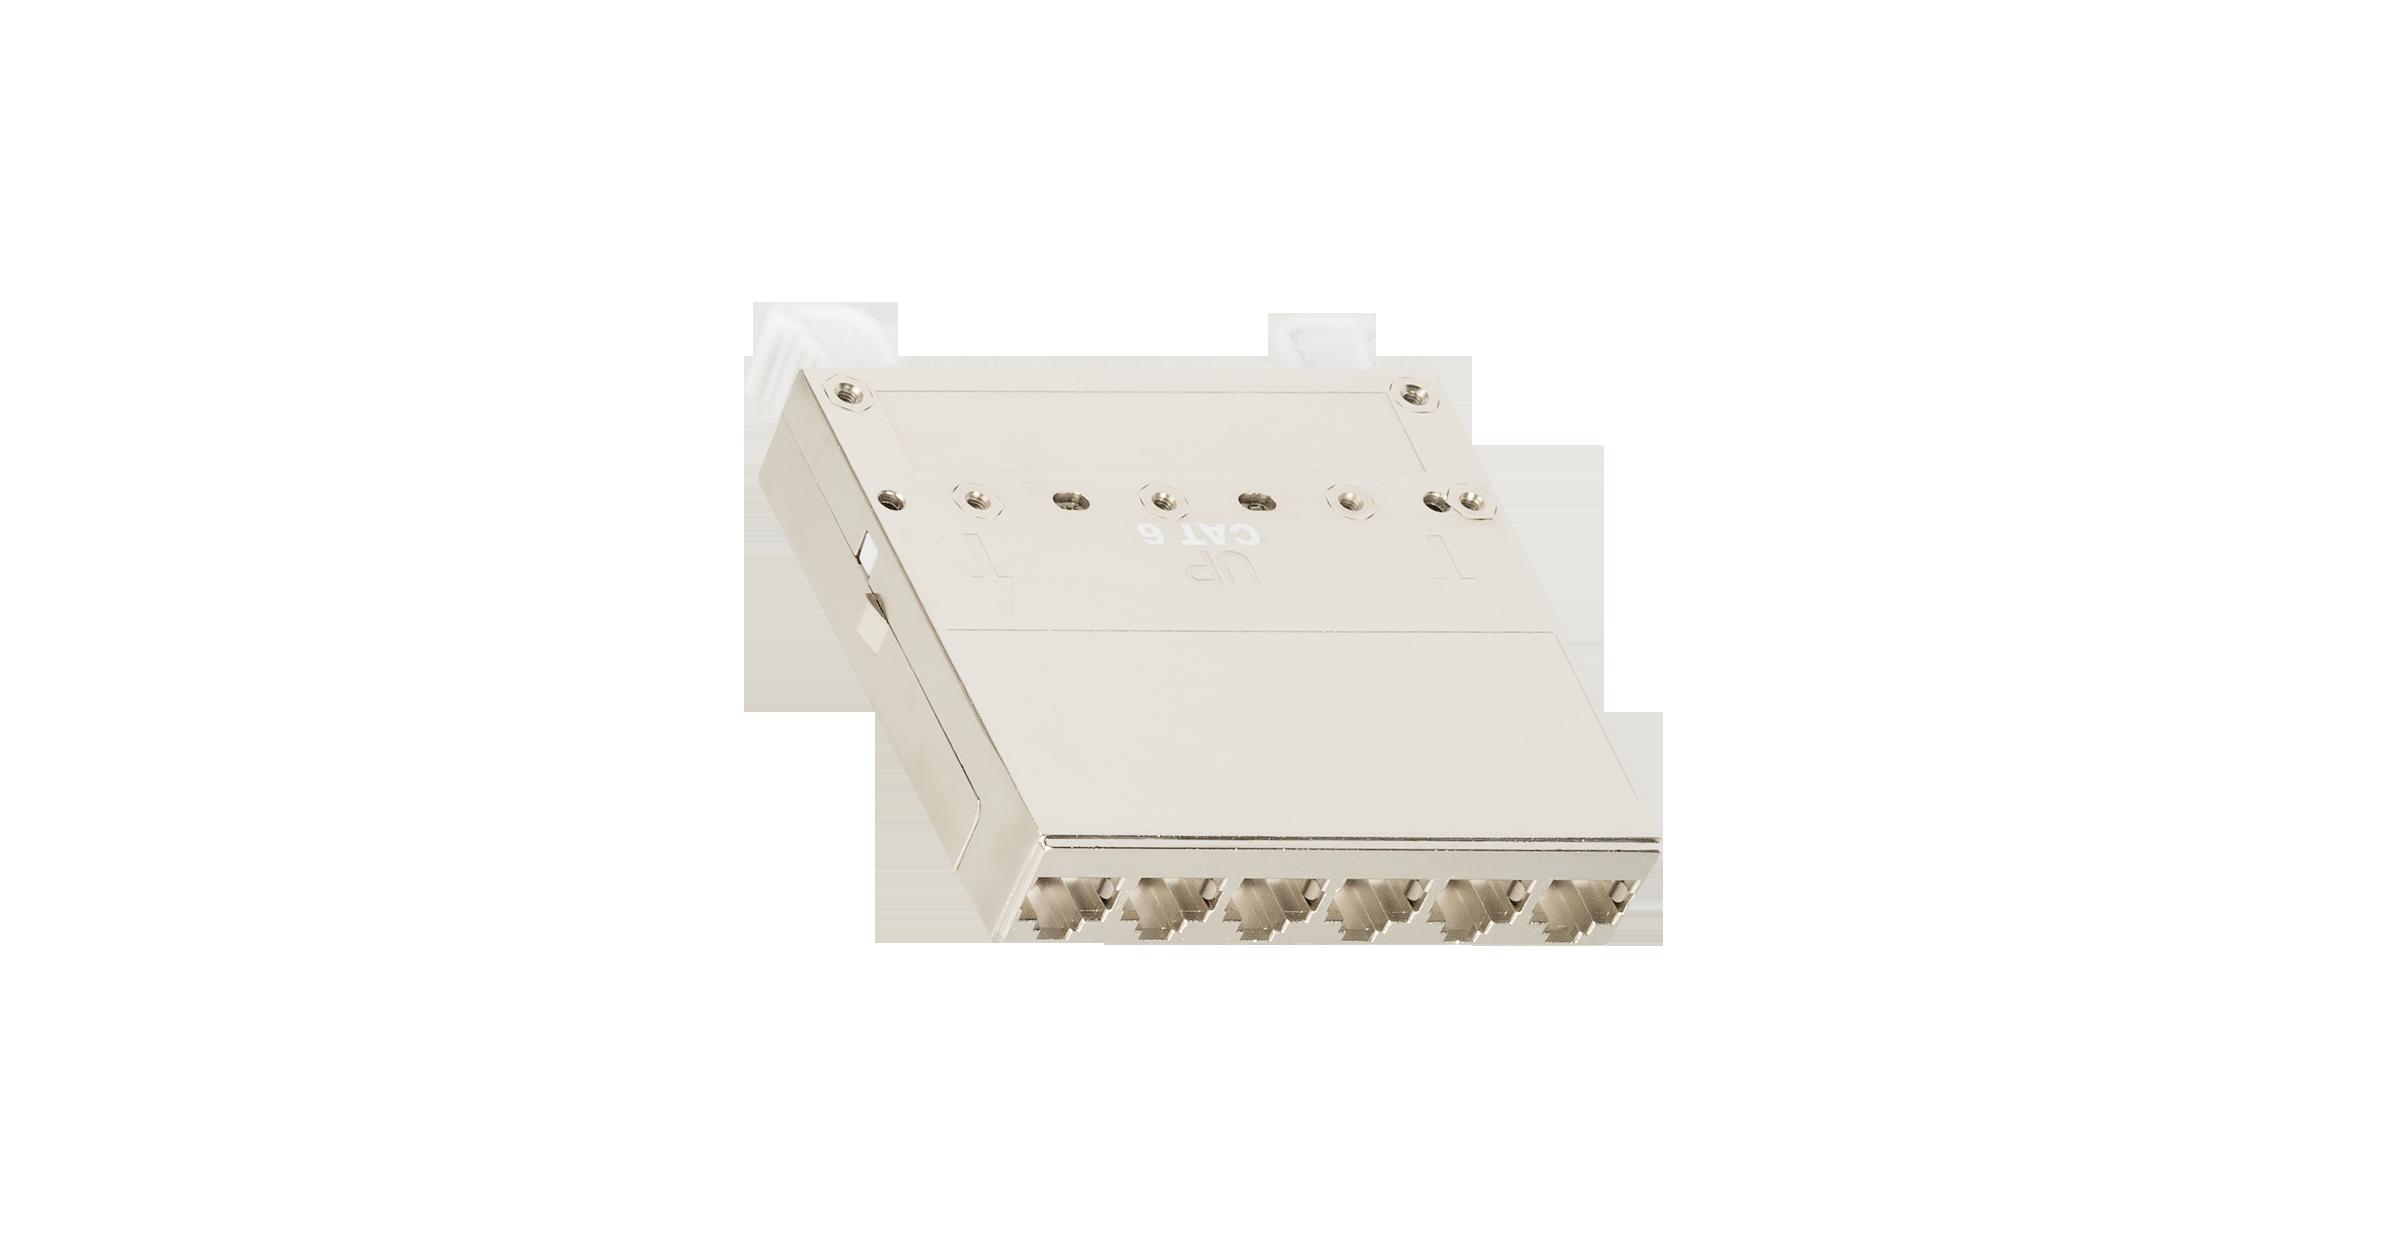 Кассетный модуль-вставка NIKOMAX, для панели серии CJ, 1 слот, 6 портов, Кат.6a (Класс Ea), 500МГц, RJ45/8P8C, 110/KRONE, T568A/B, полный экран, металлик - гарантия: 5 лет расширенная / 25 лет системная